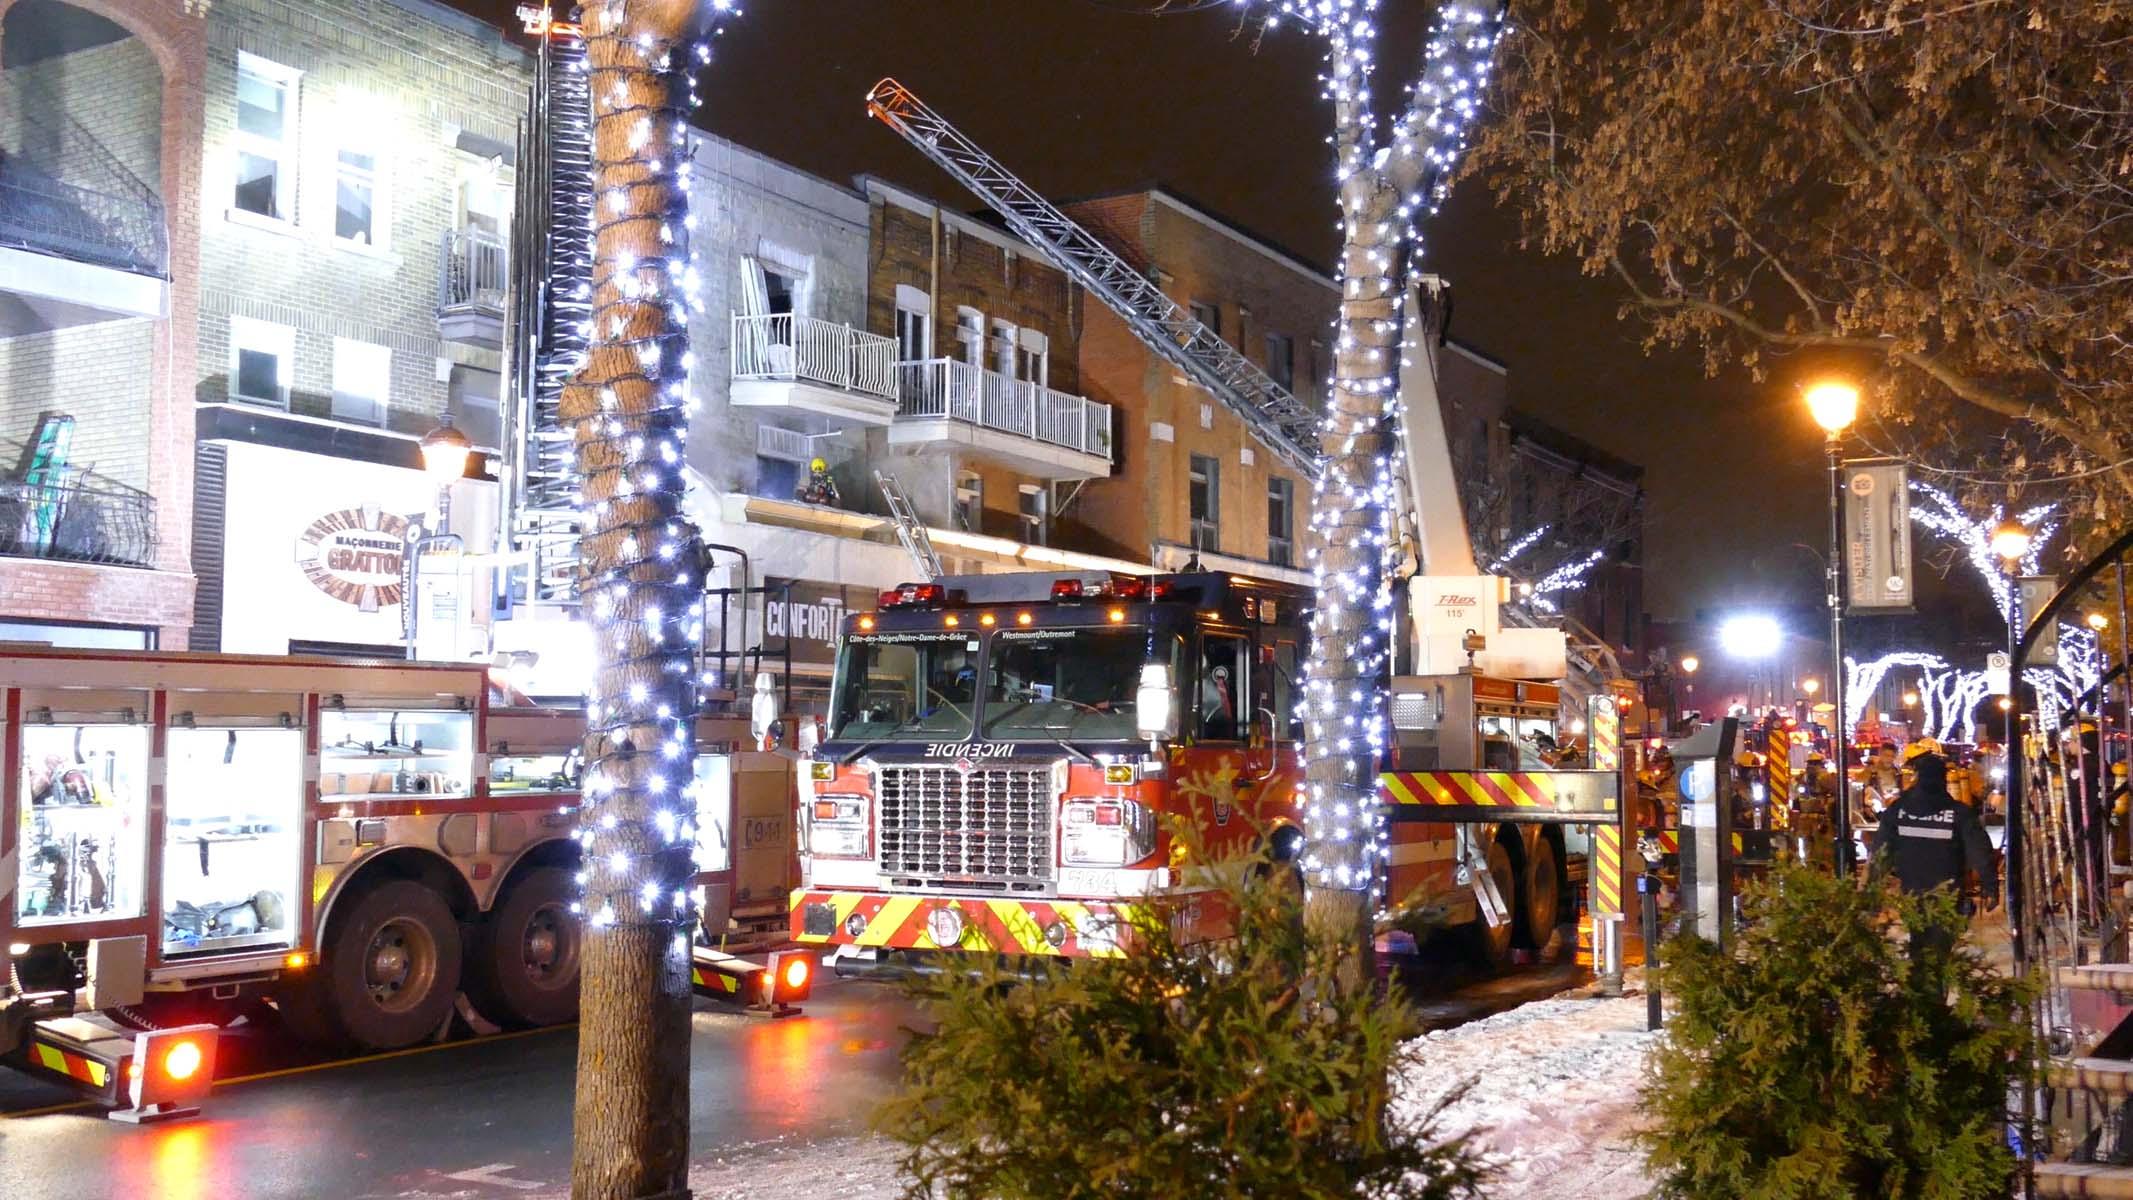 Cavaliers de noël nouveau Nouveauté LED lumières Noël neige globe ivre Santa colis arbre